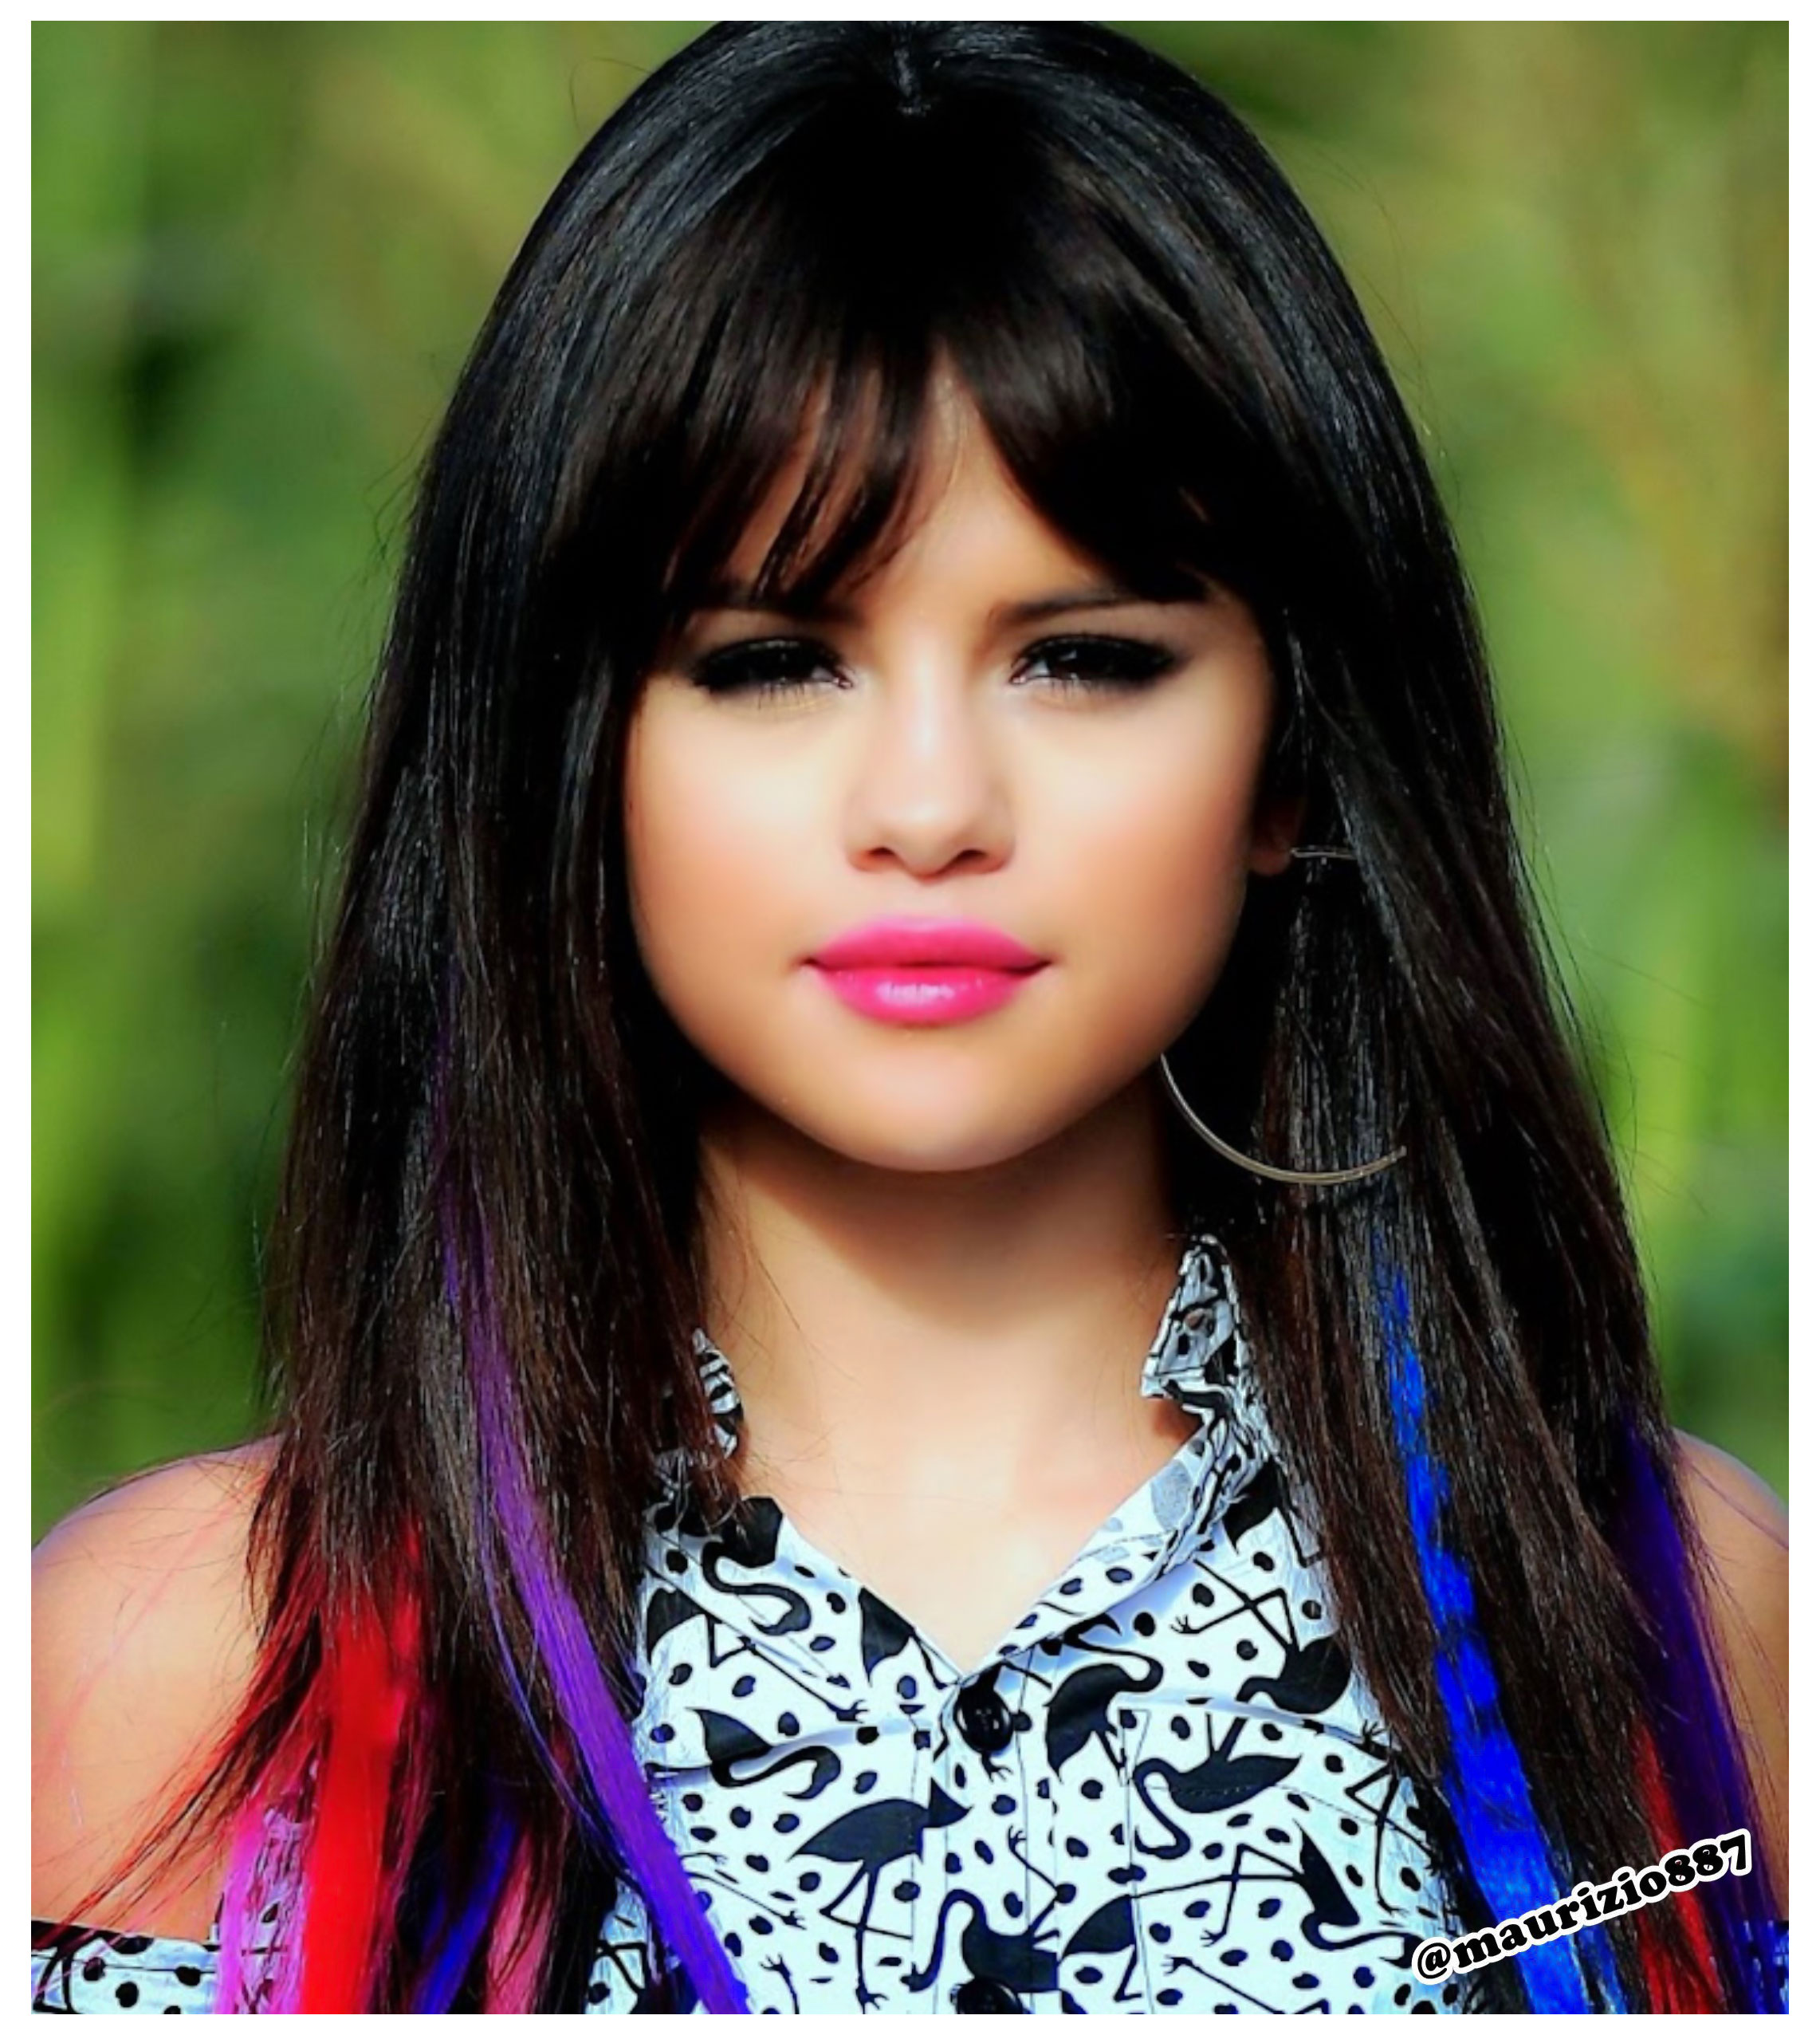 Selena gomez spring breakers 5